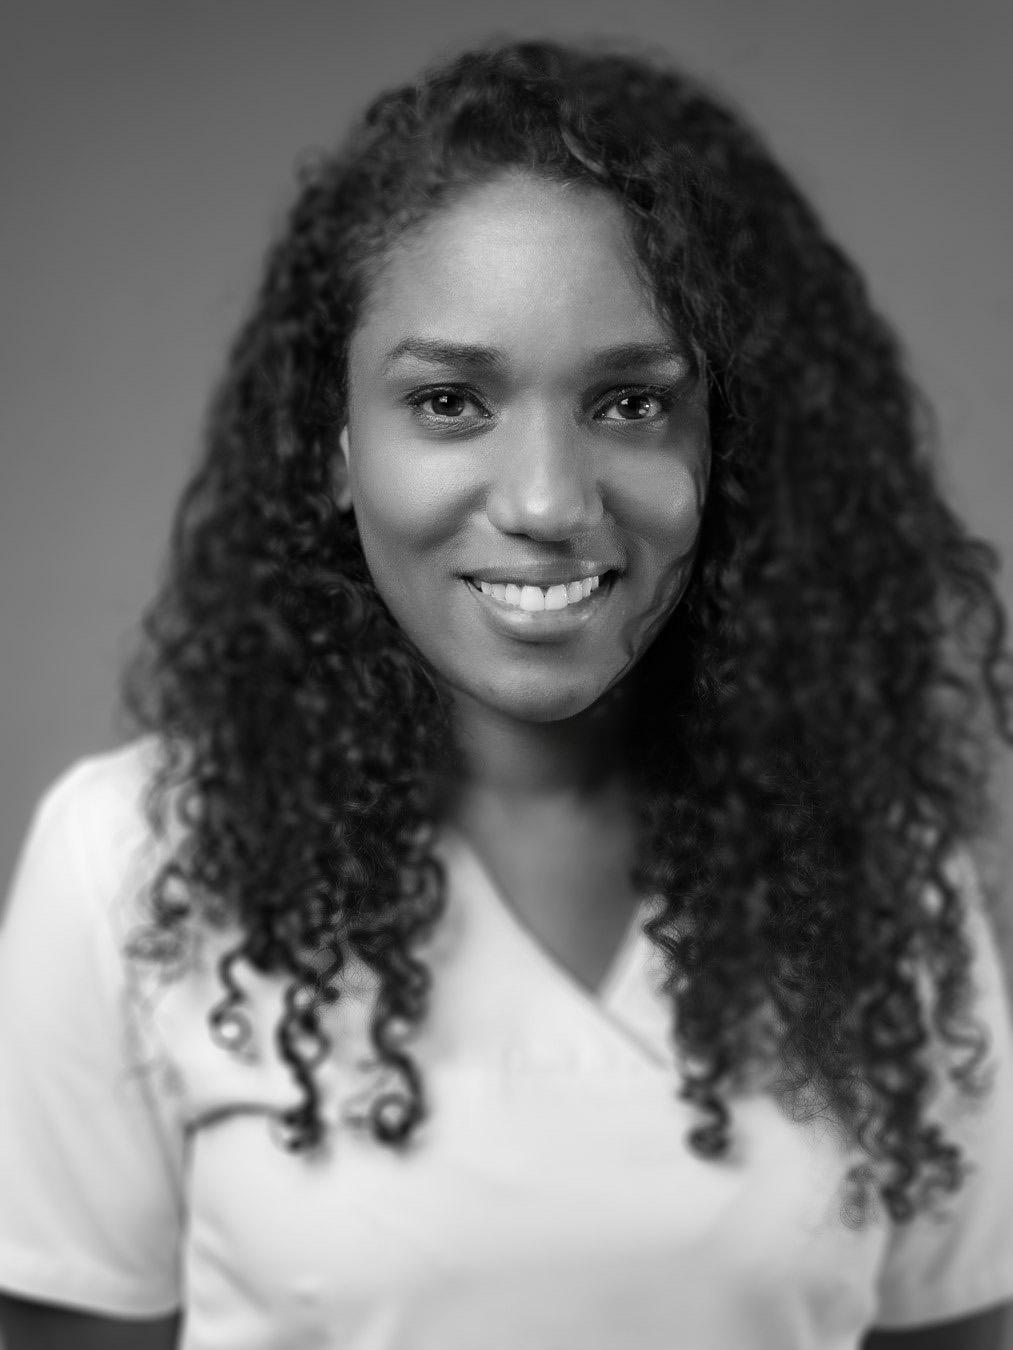 Dentiste Guadeloupe : Dr Clarys Castory